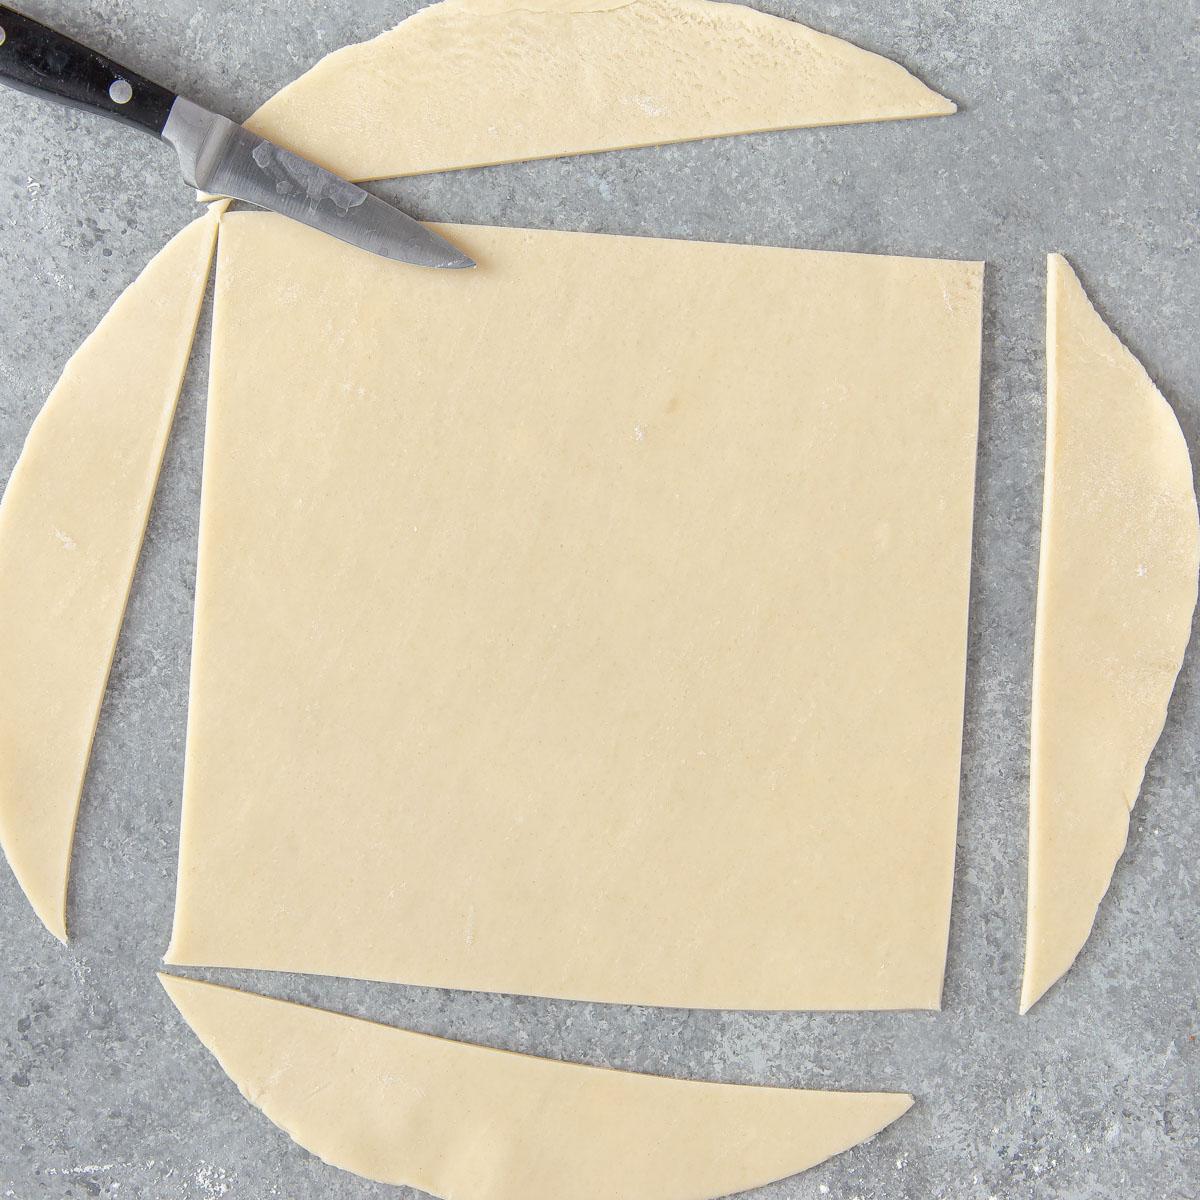 cutting a round pie crust into a square